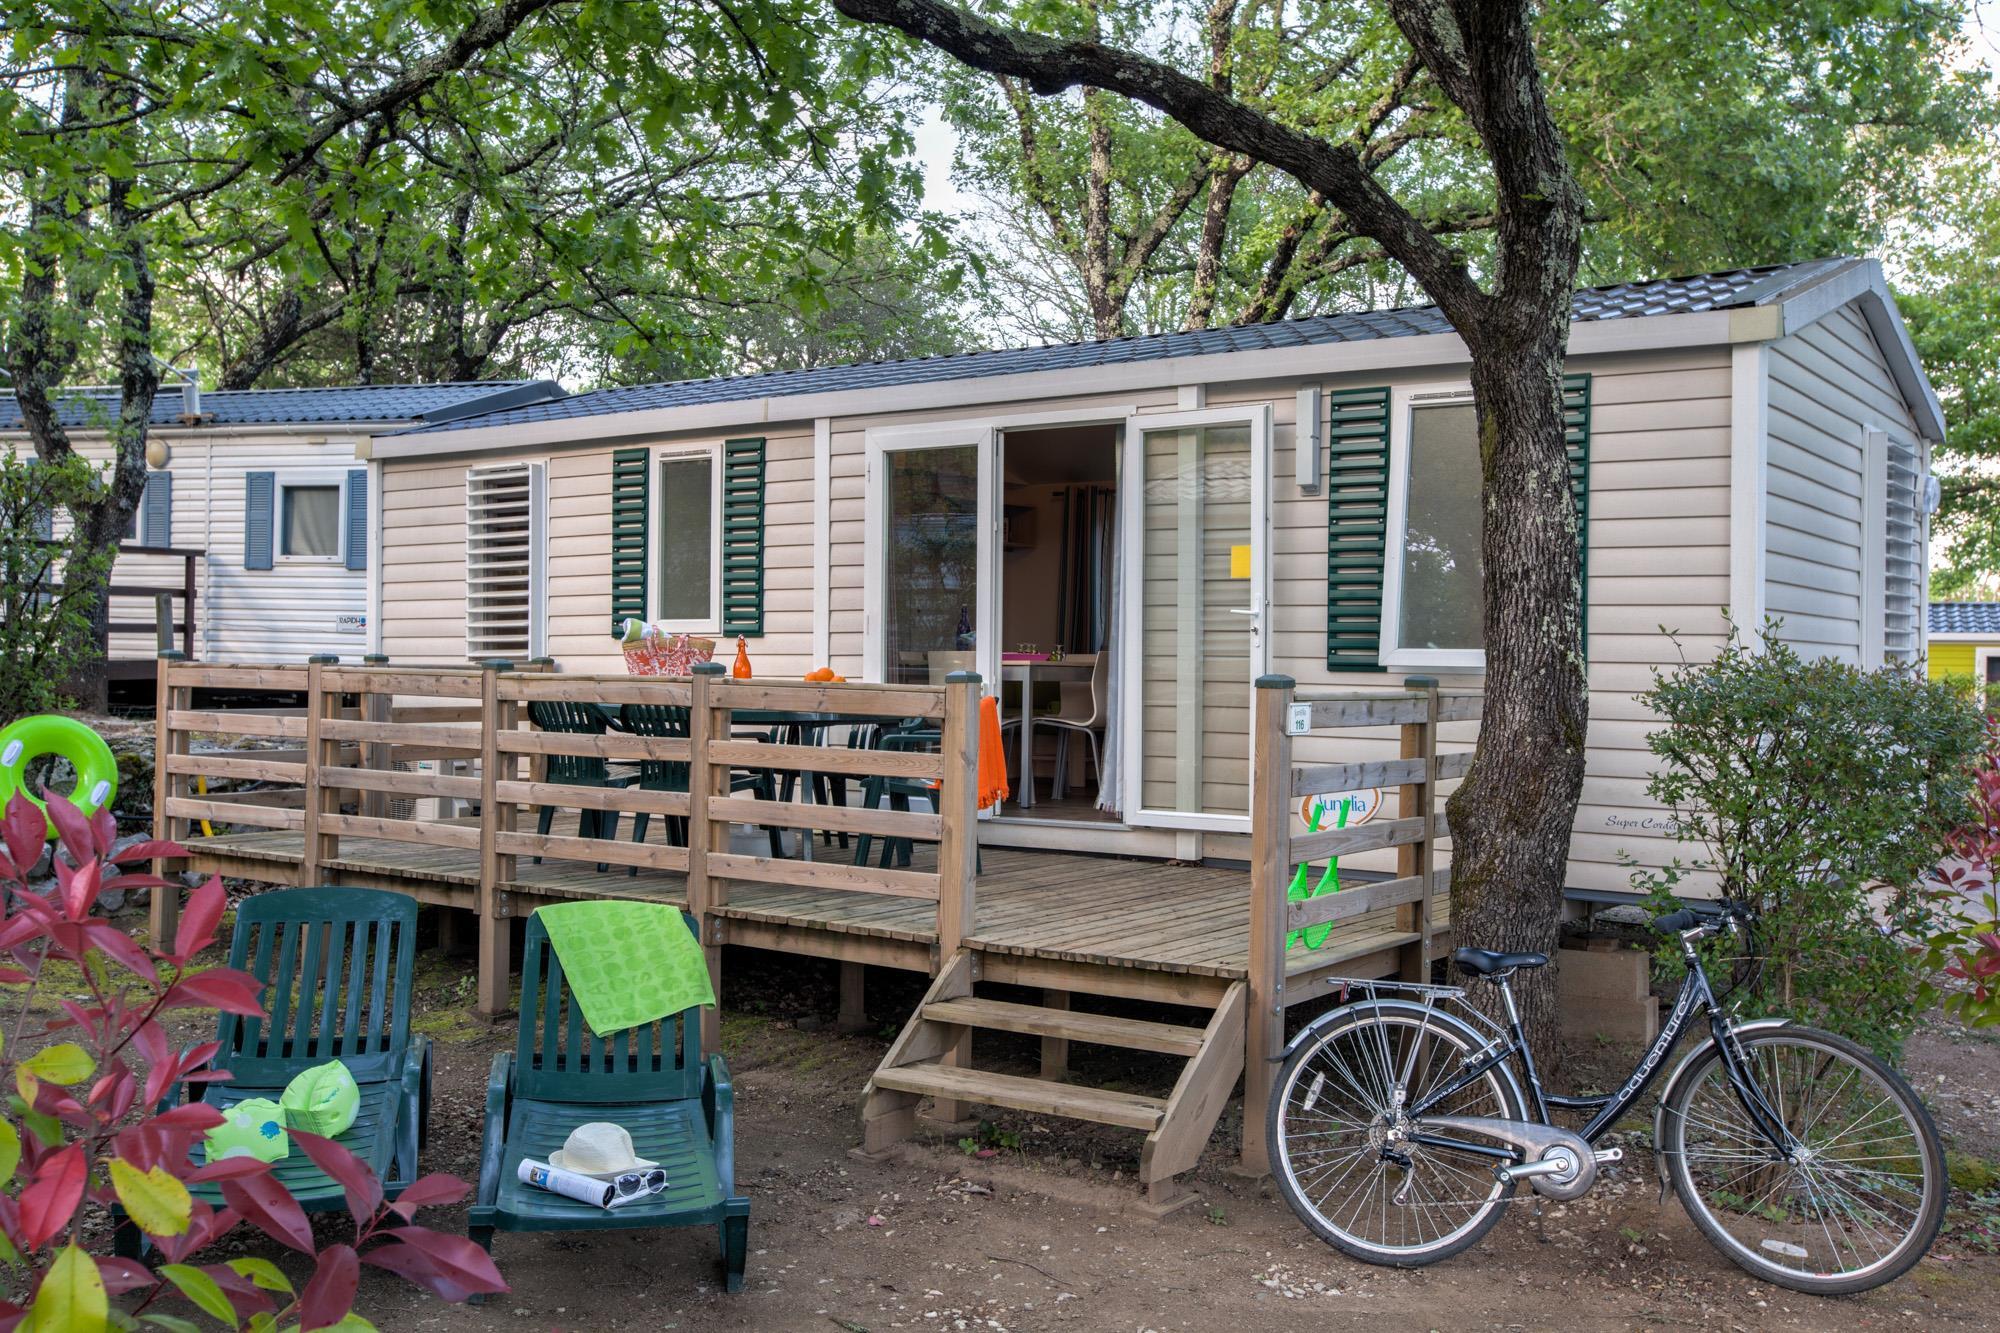 Location - Sunêlia Confort 3 Chambres - Camping Sunêlia Le Ranc Davaine